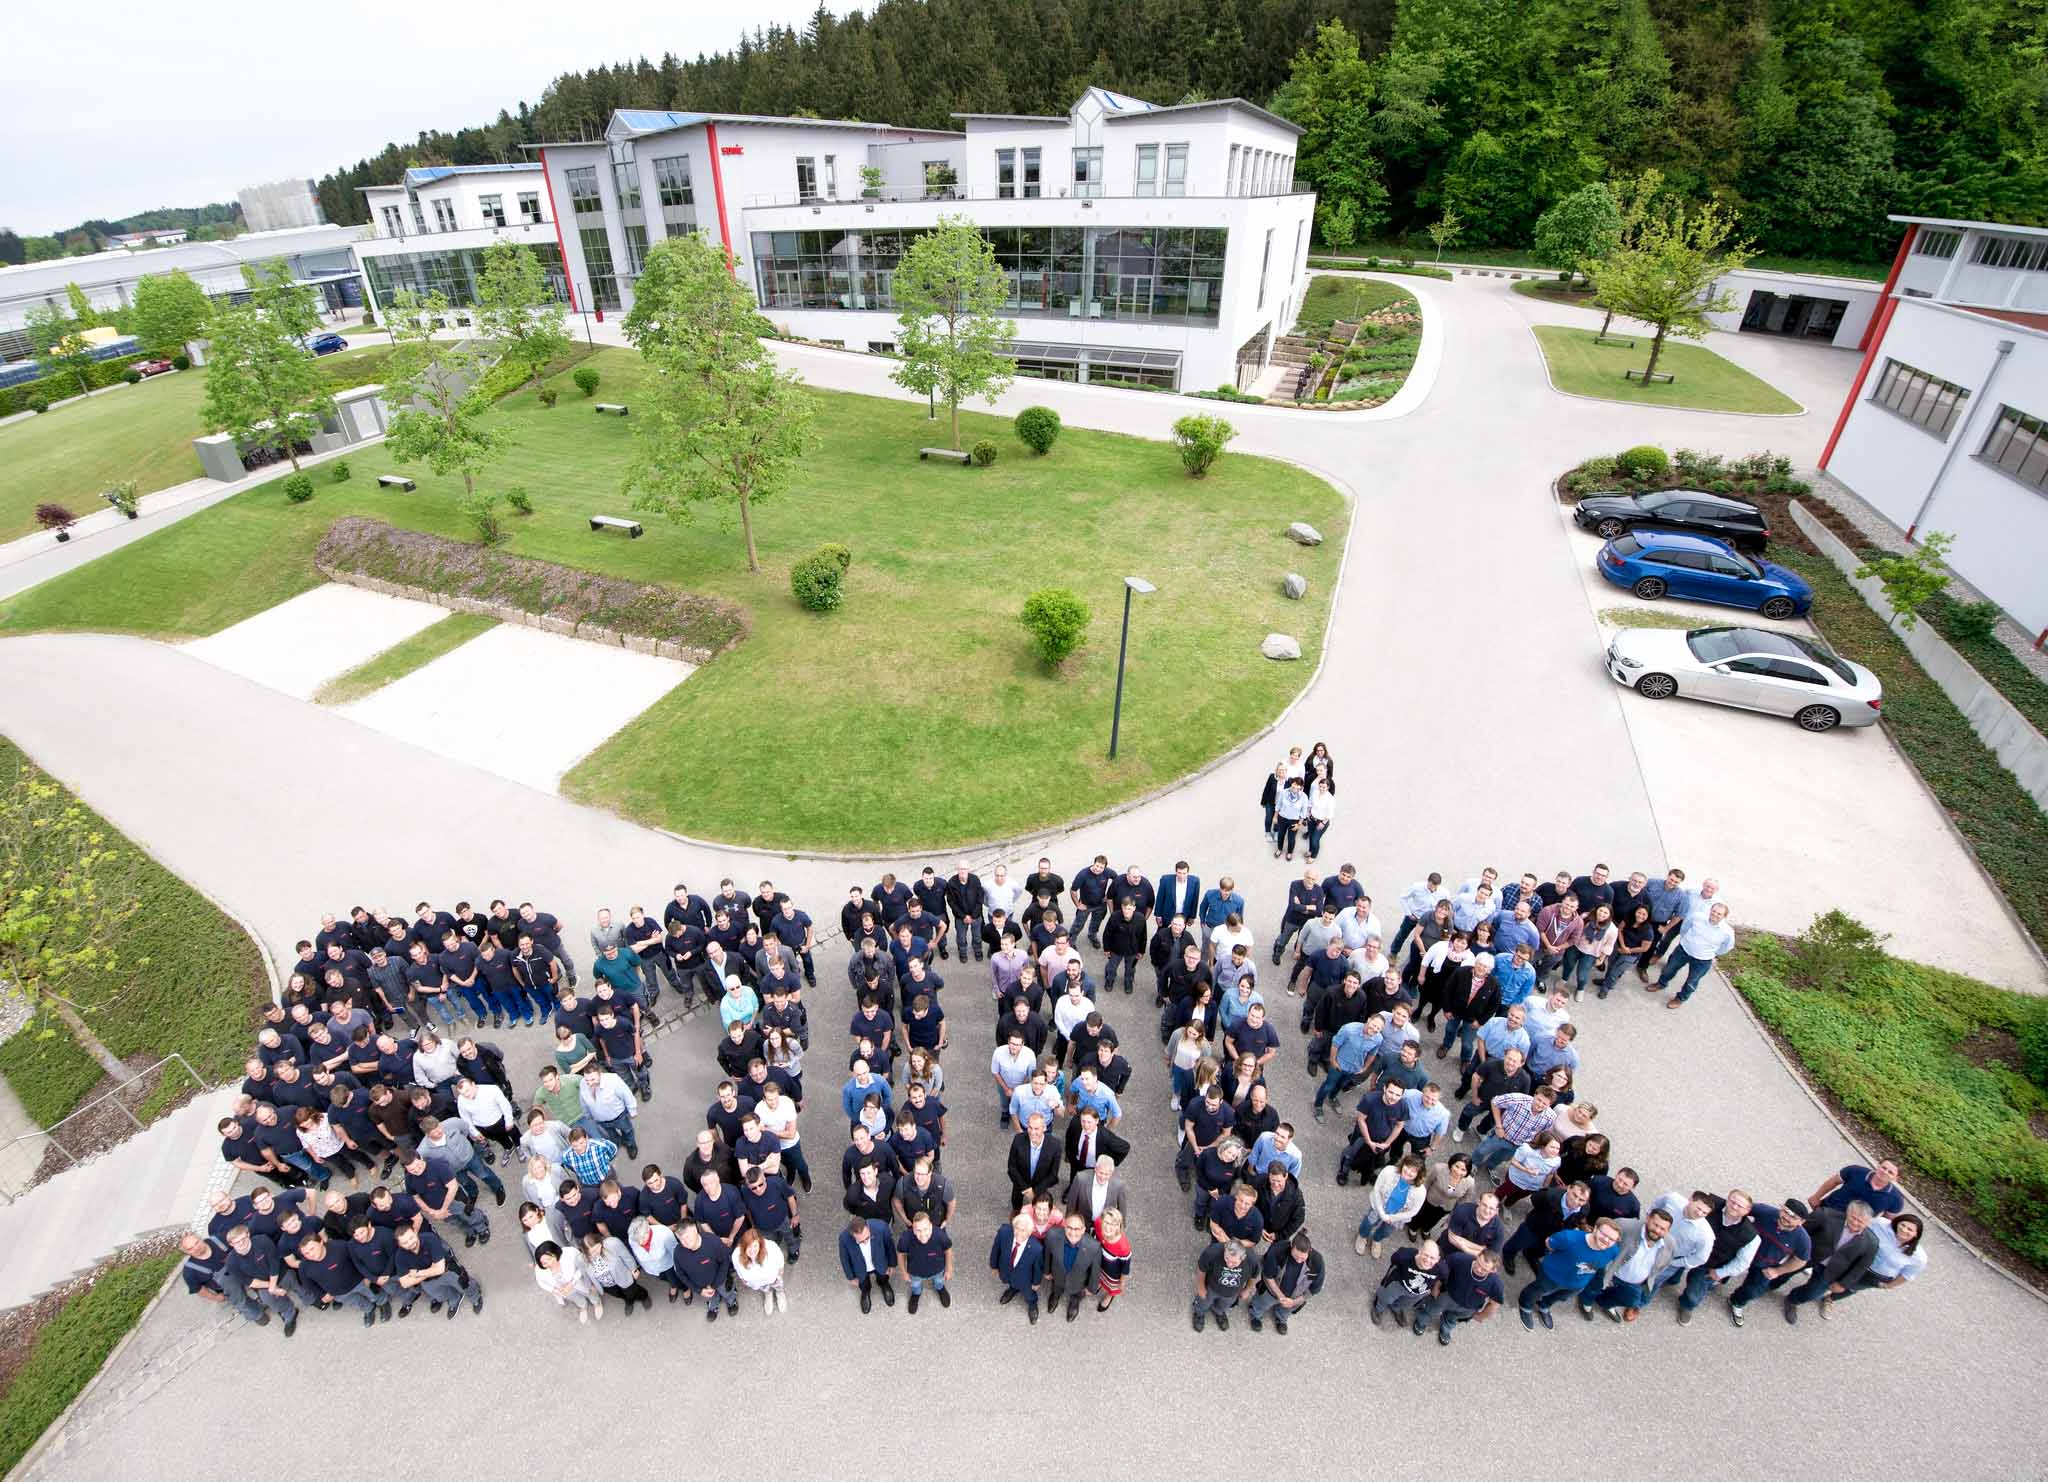 Luftaufnahme von Somic Mitarbeiter aufgestellt als SOMIC Wort, Schrift, vor dem Firmengebäude in Amerang, SOMIC Verpackungsmaschinen GmbH & Co. KG, Mitarbeiterfotografie, Unternehmensfotografie, WINGMEN Media